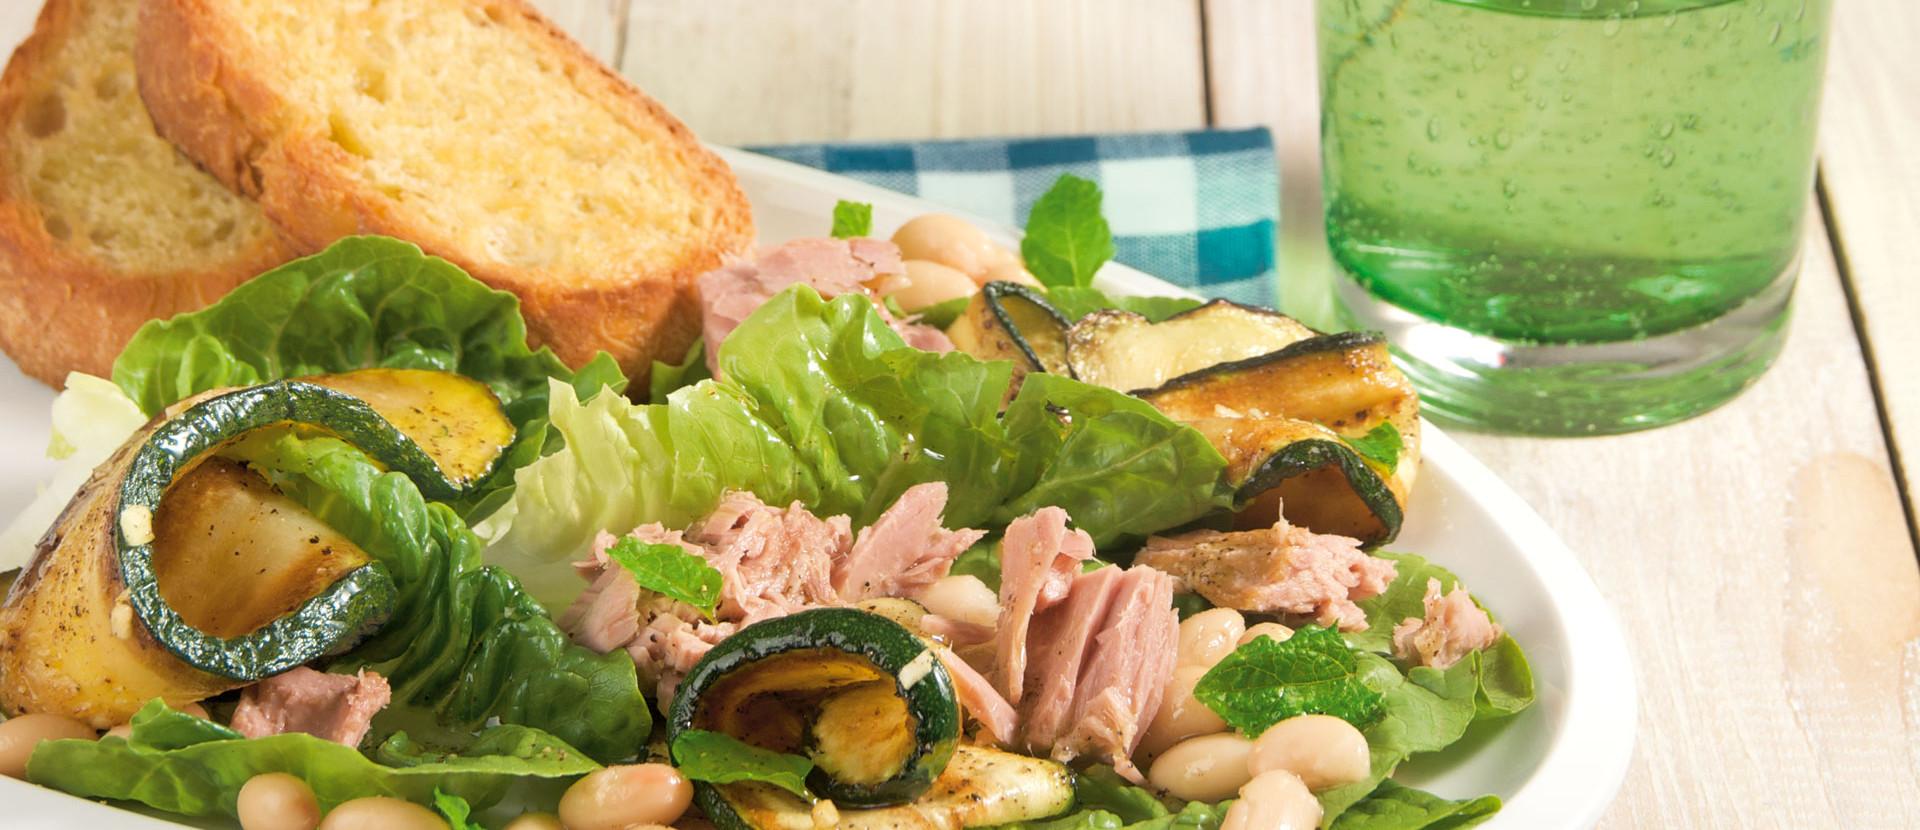 Thunfischsalat mit Zucchini und weißen Bohnen